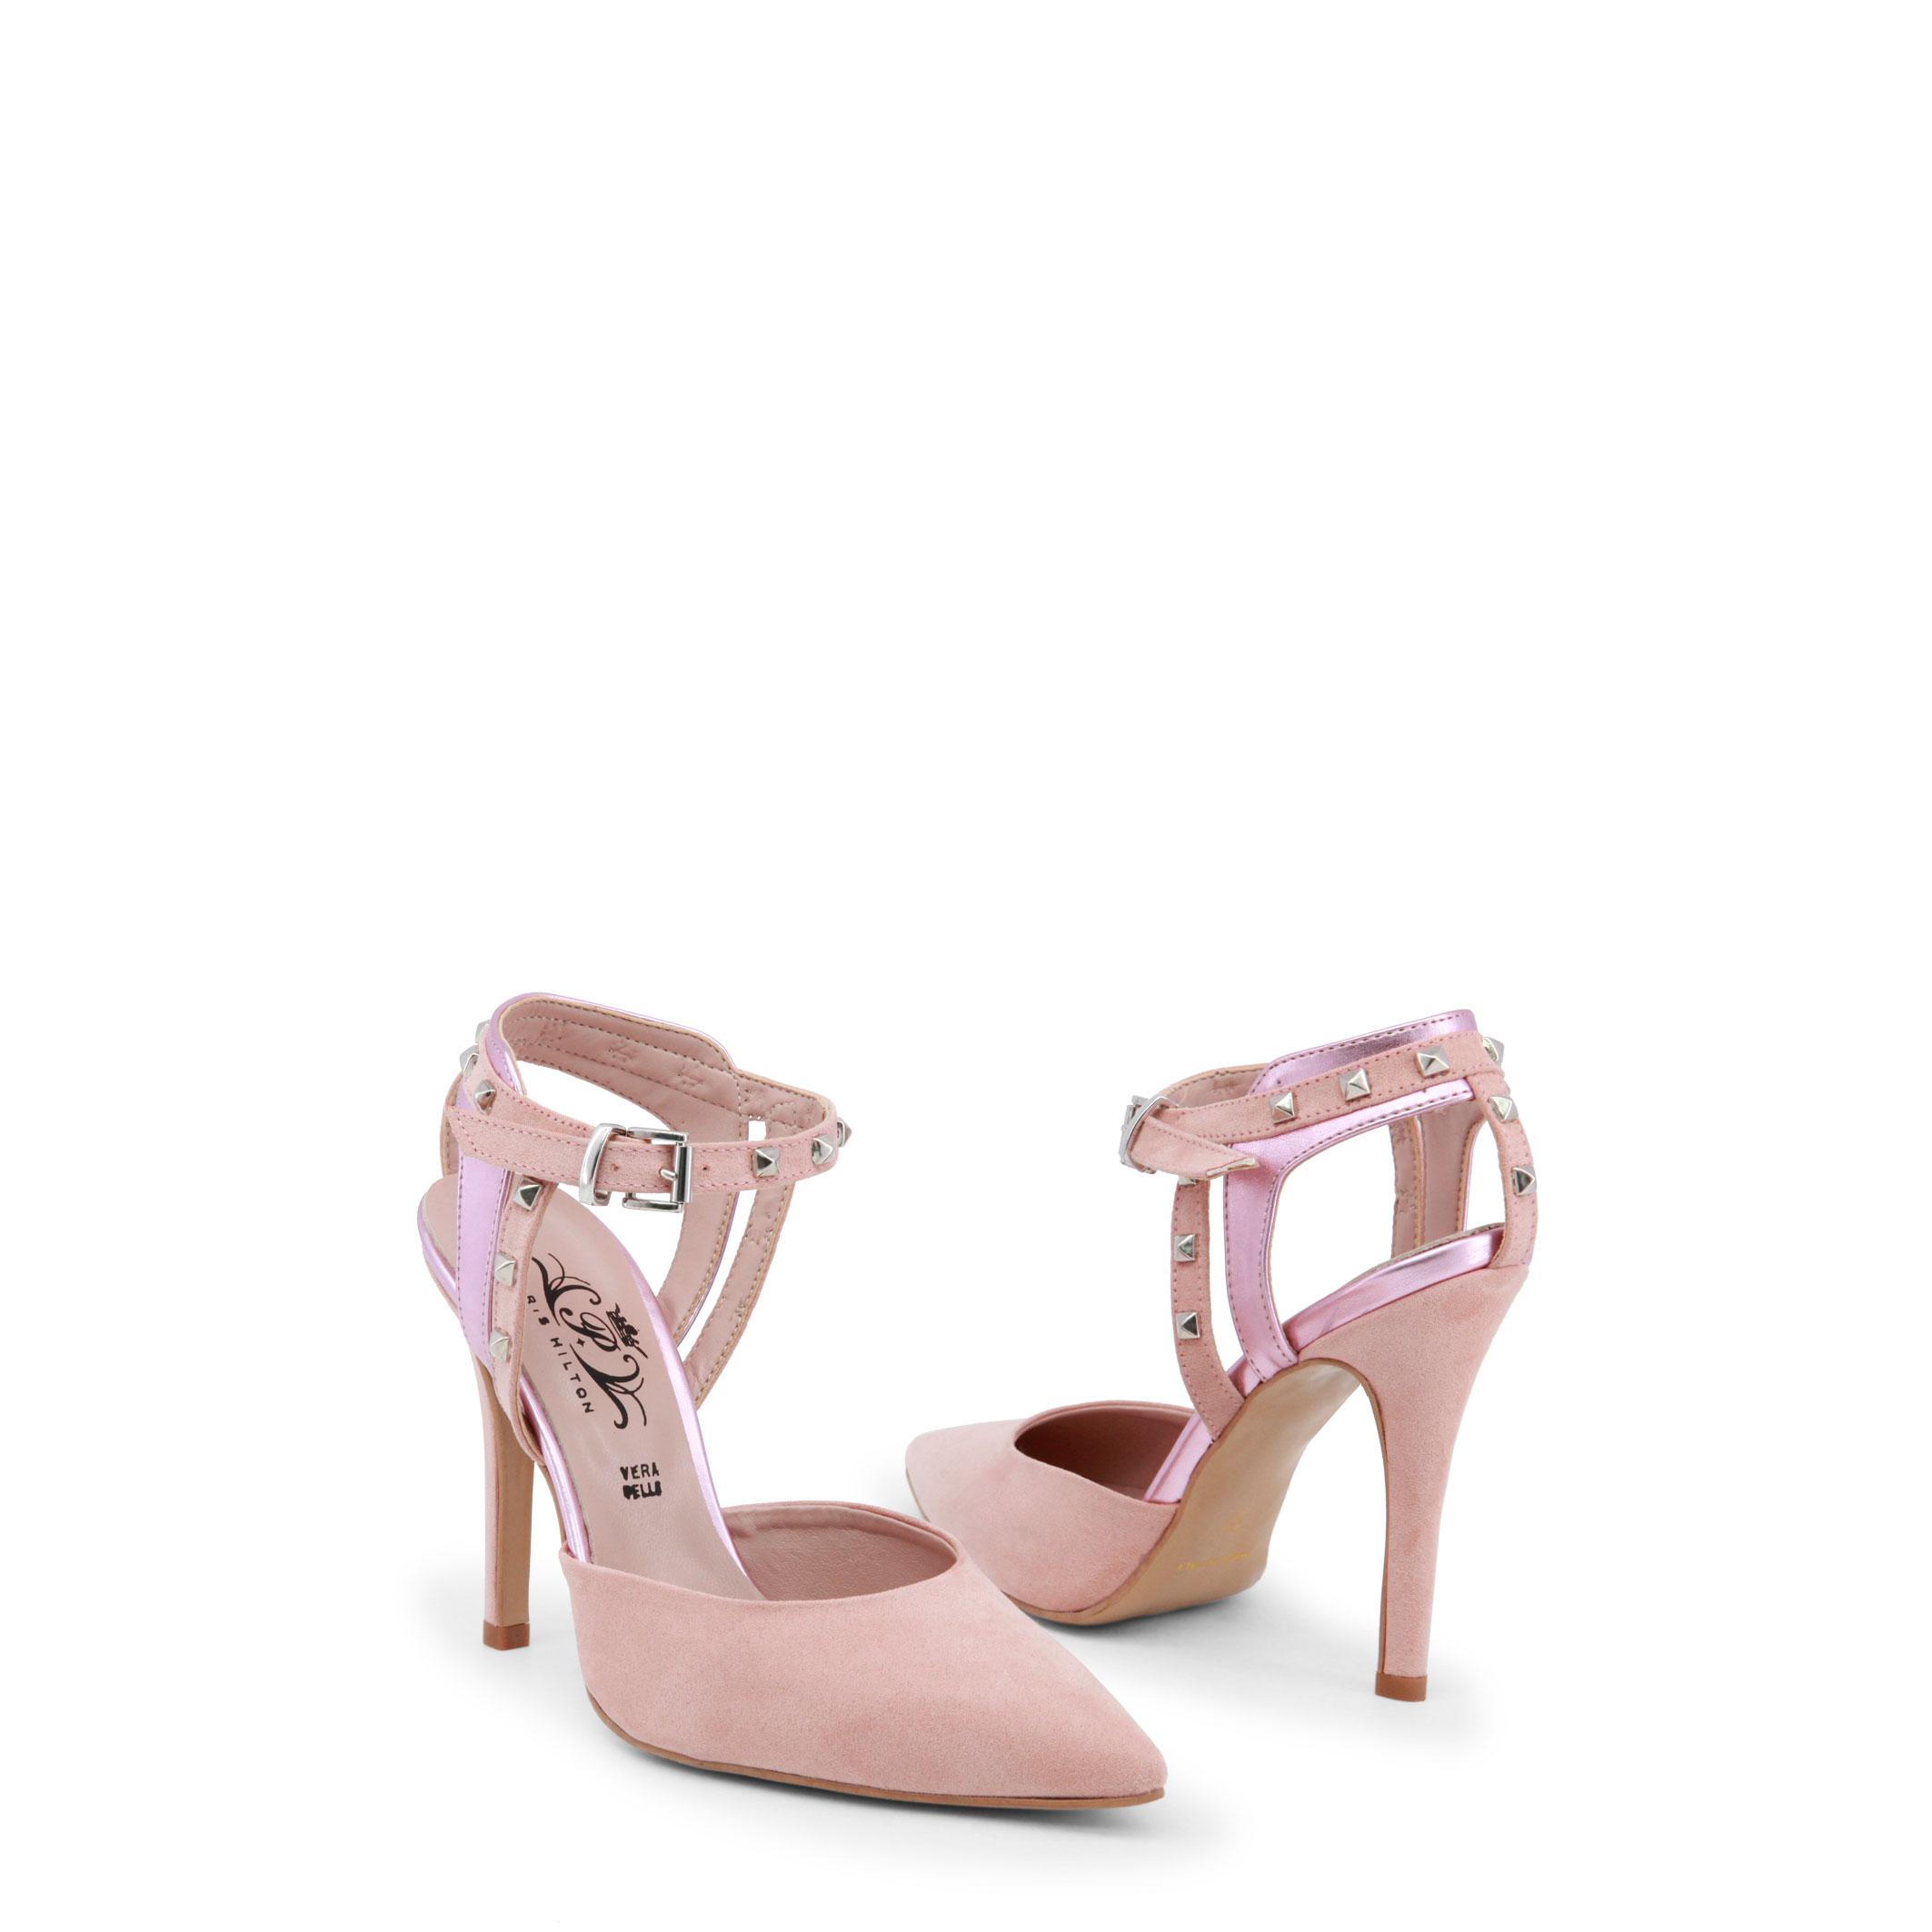 Paris Sandalette Hilton Schuhe 2762, Damen Sandalette Paris Rot/Rosa/Schwarz Keilabsatz f6bfcb